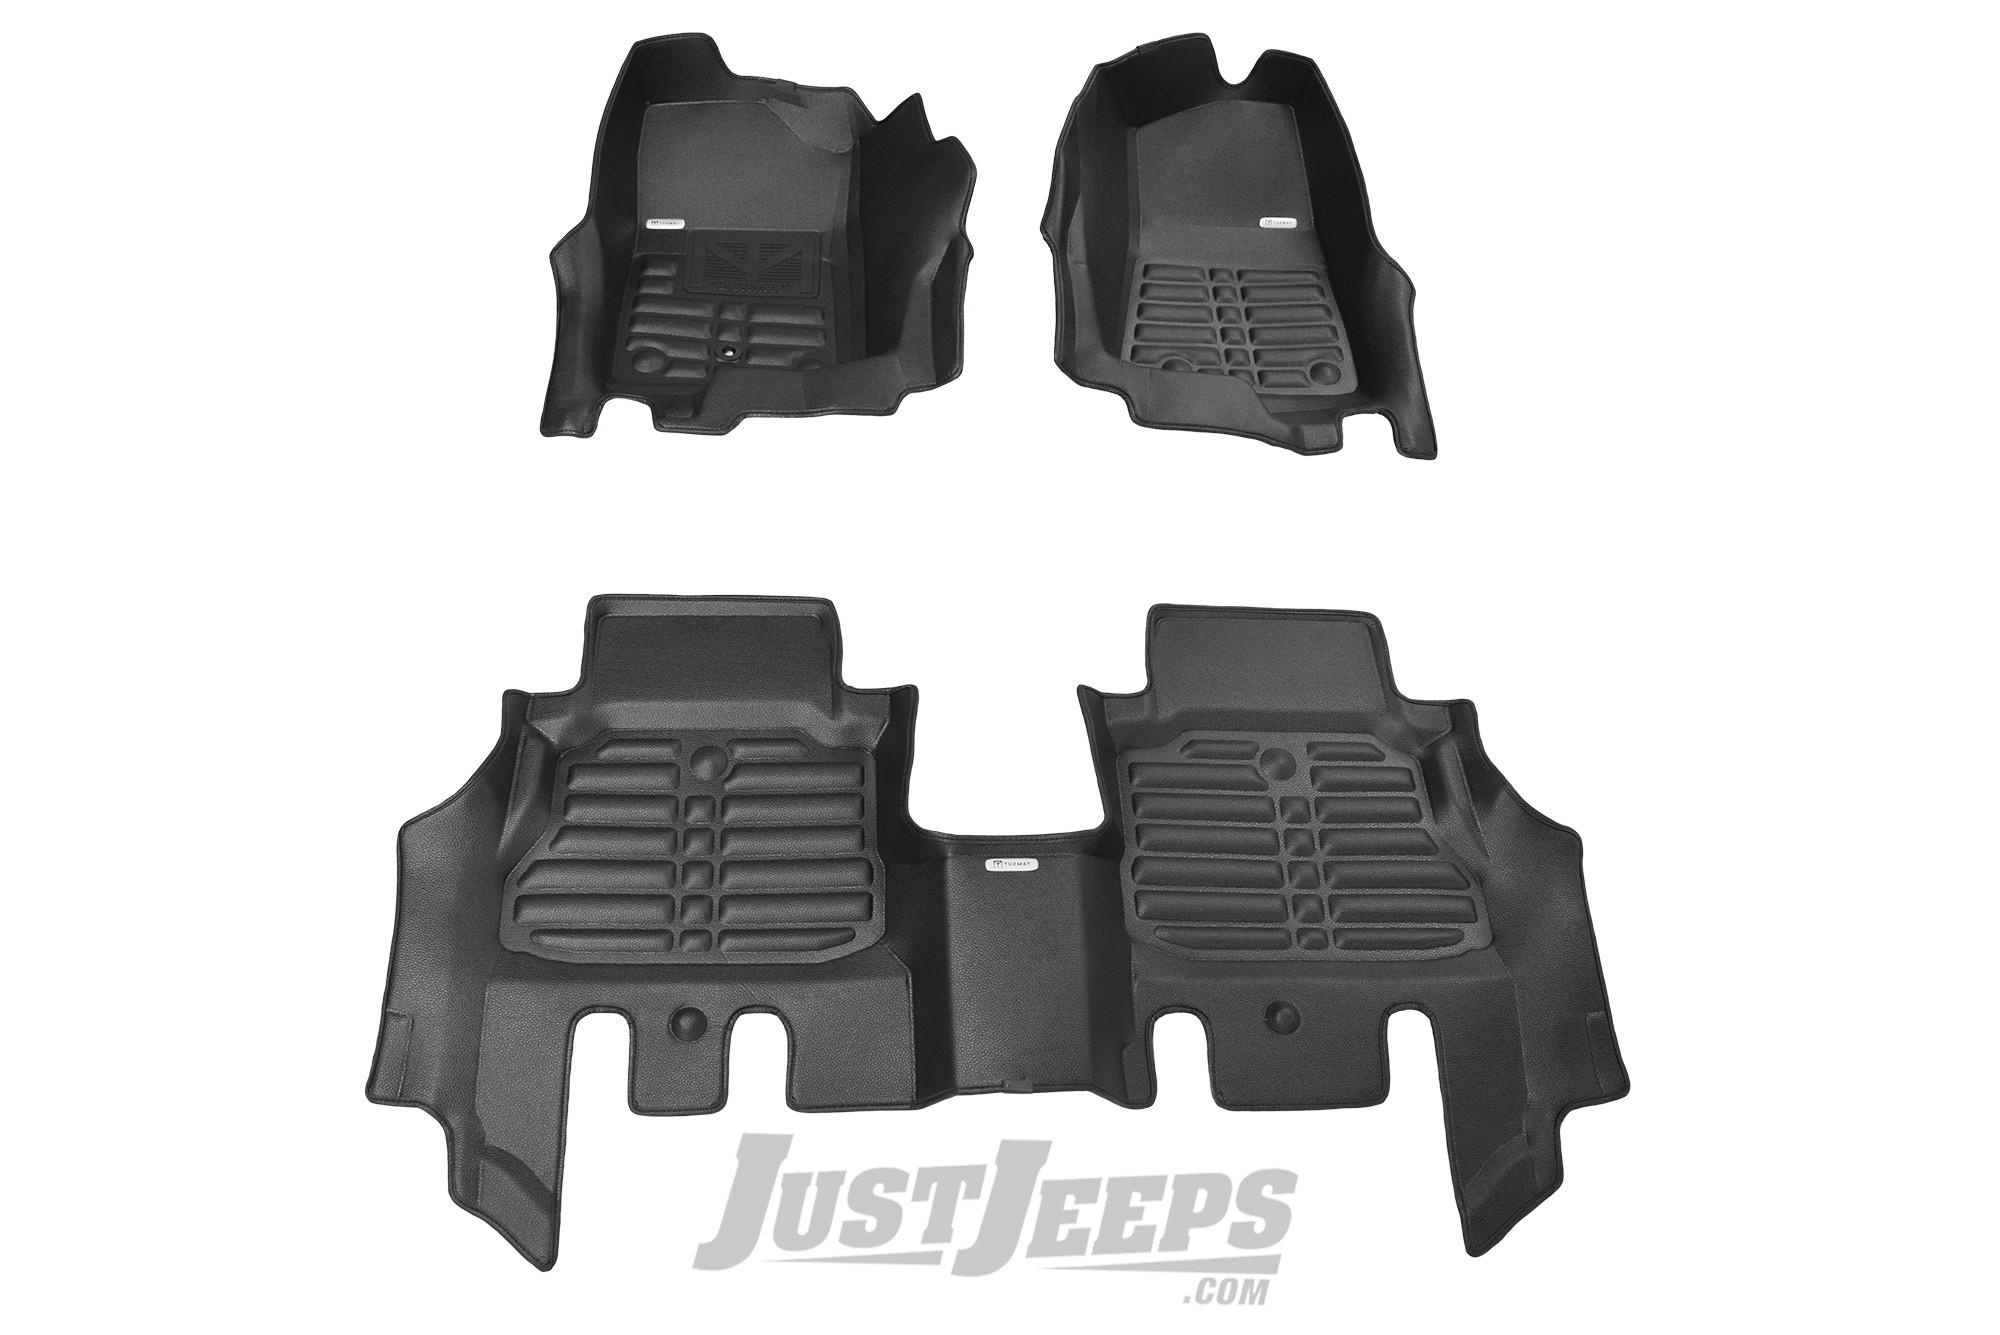 TuxMat Front & Rear Floor Mats In Black For 2018+ Jeep Wrangler JL Unlimited 4 Door Models